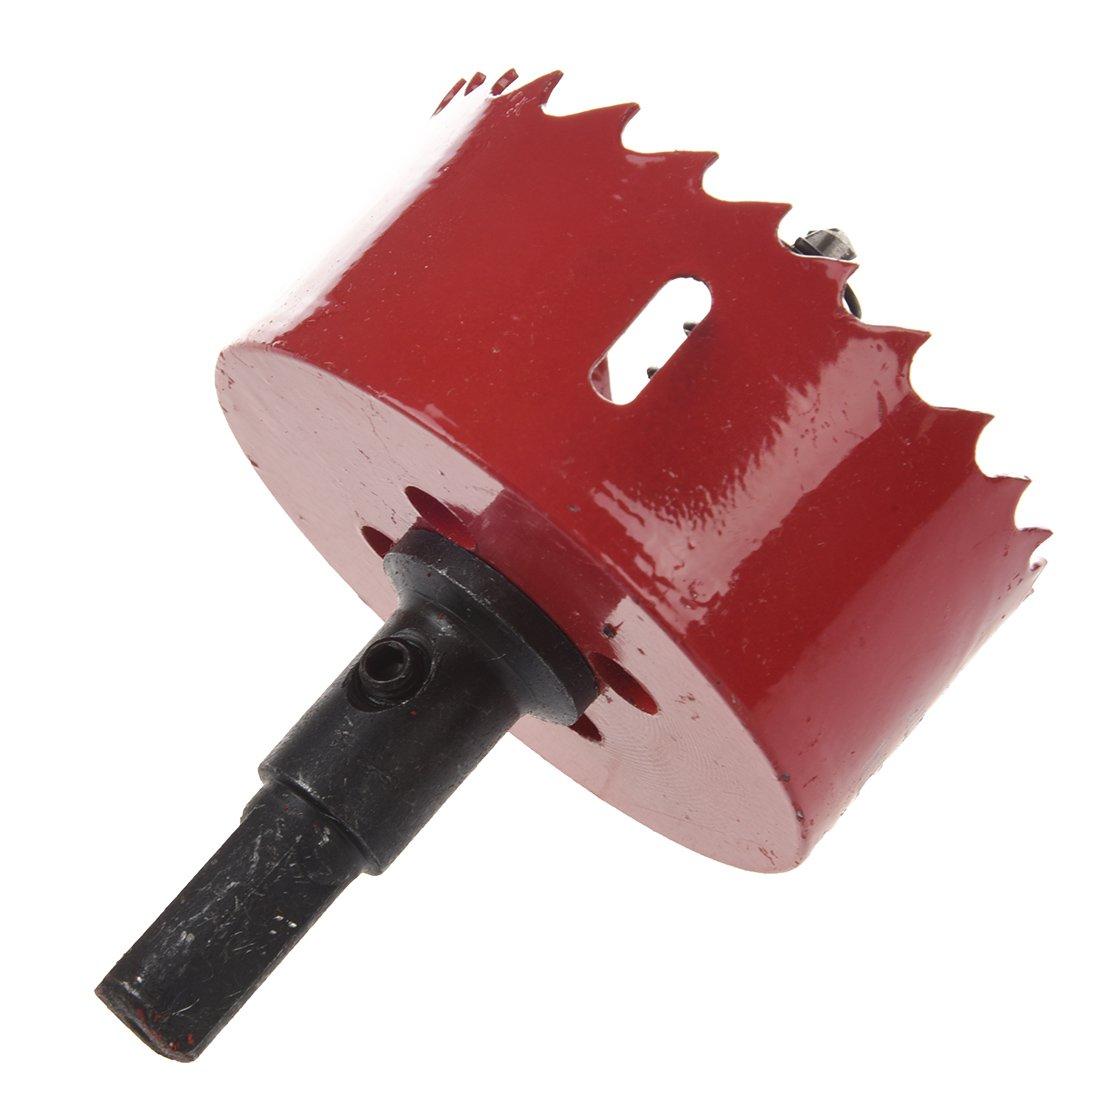 Cikuso-Aluminiumlegierung-Holz-Schneiden-60mm-Durchmesser-Lochsaege-Werkzeug